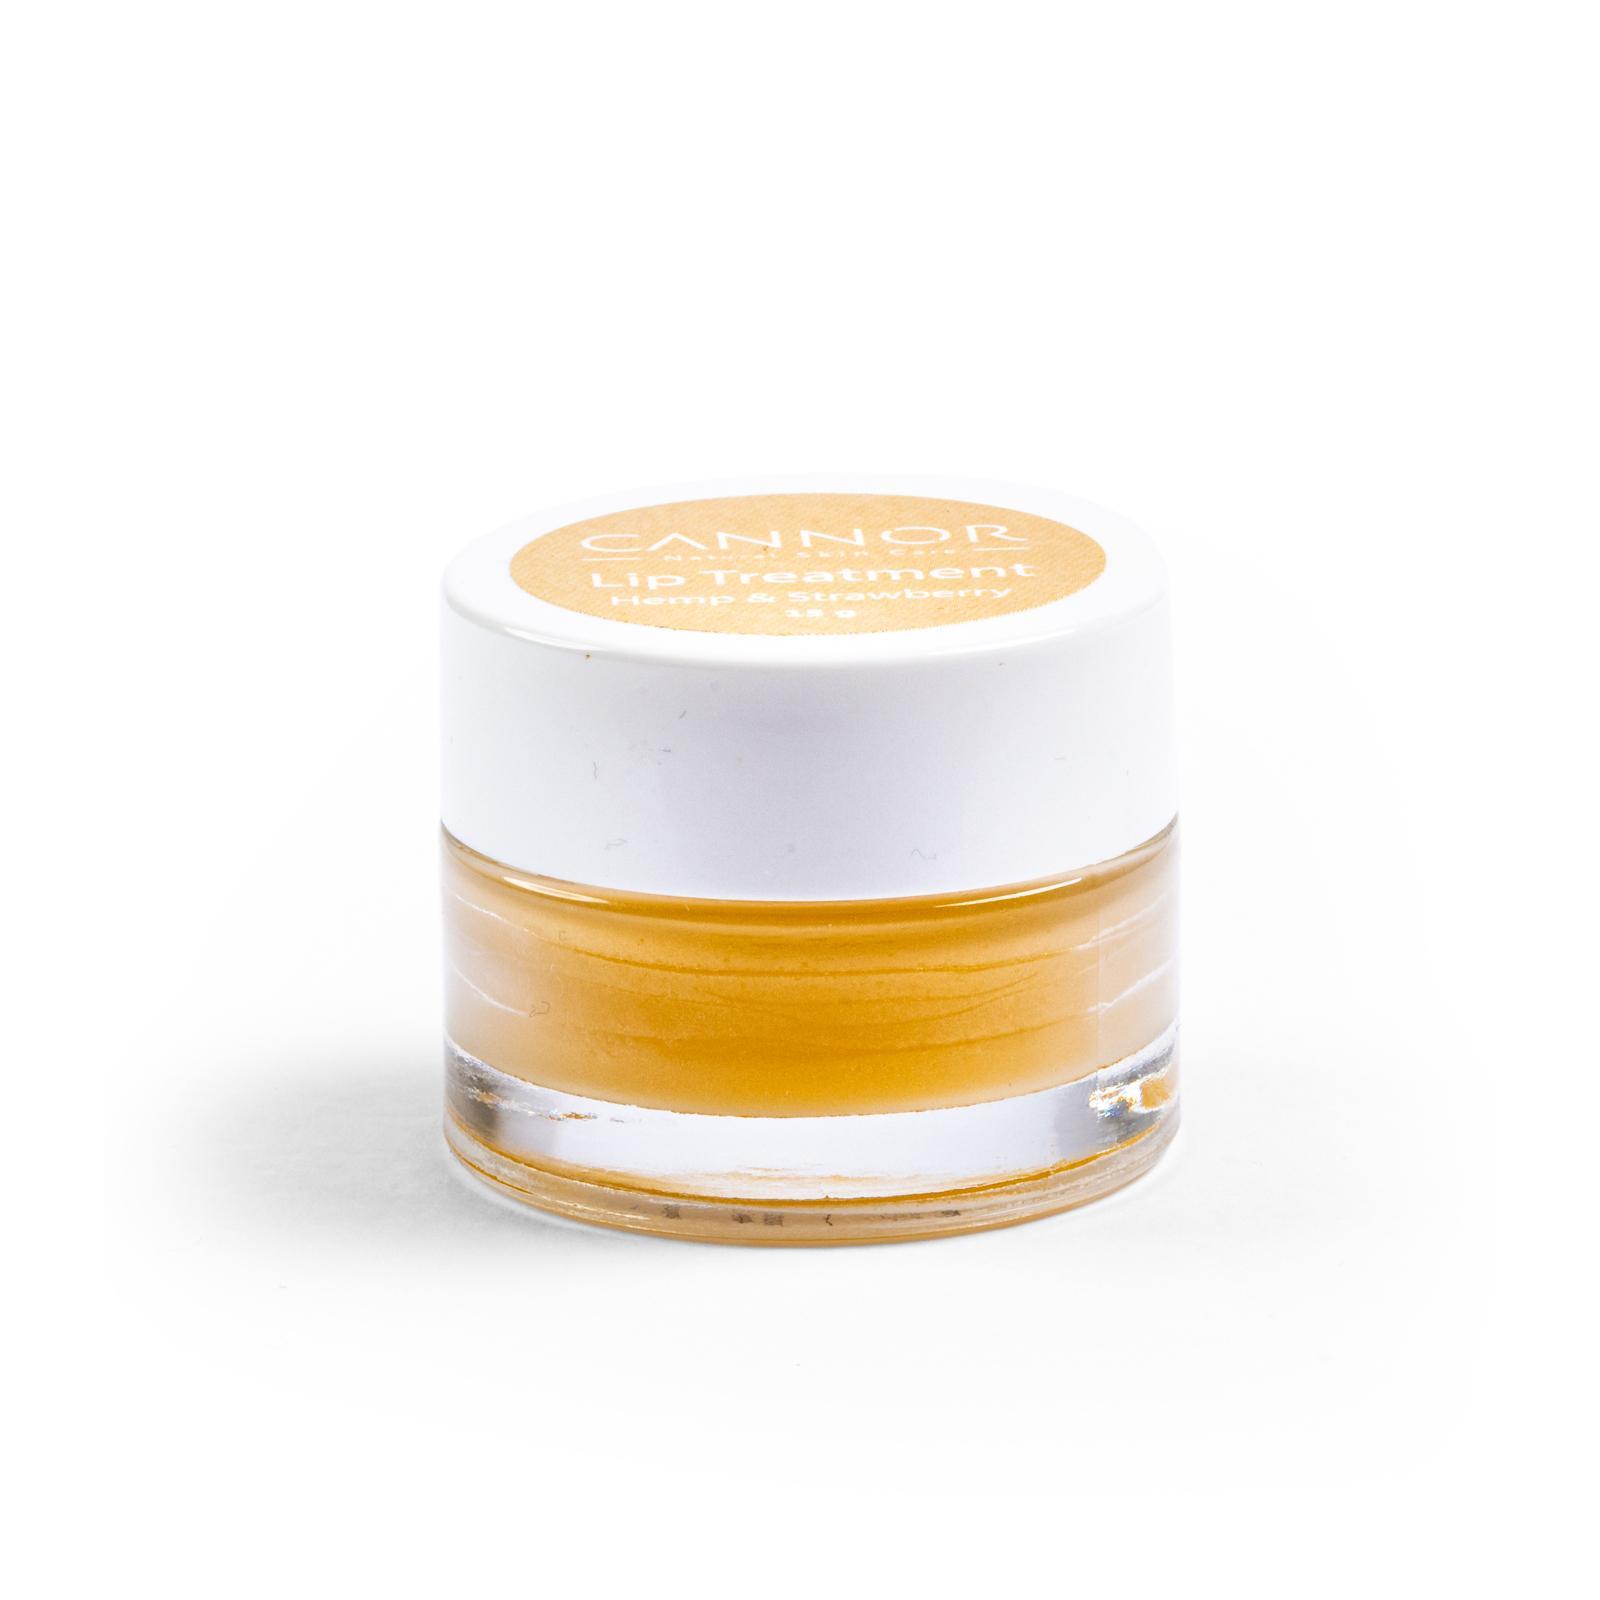 CANNOR Intenzivní balzám na rty Lip Treatment 10 g